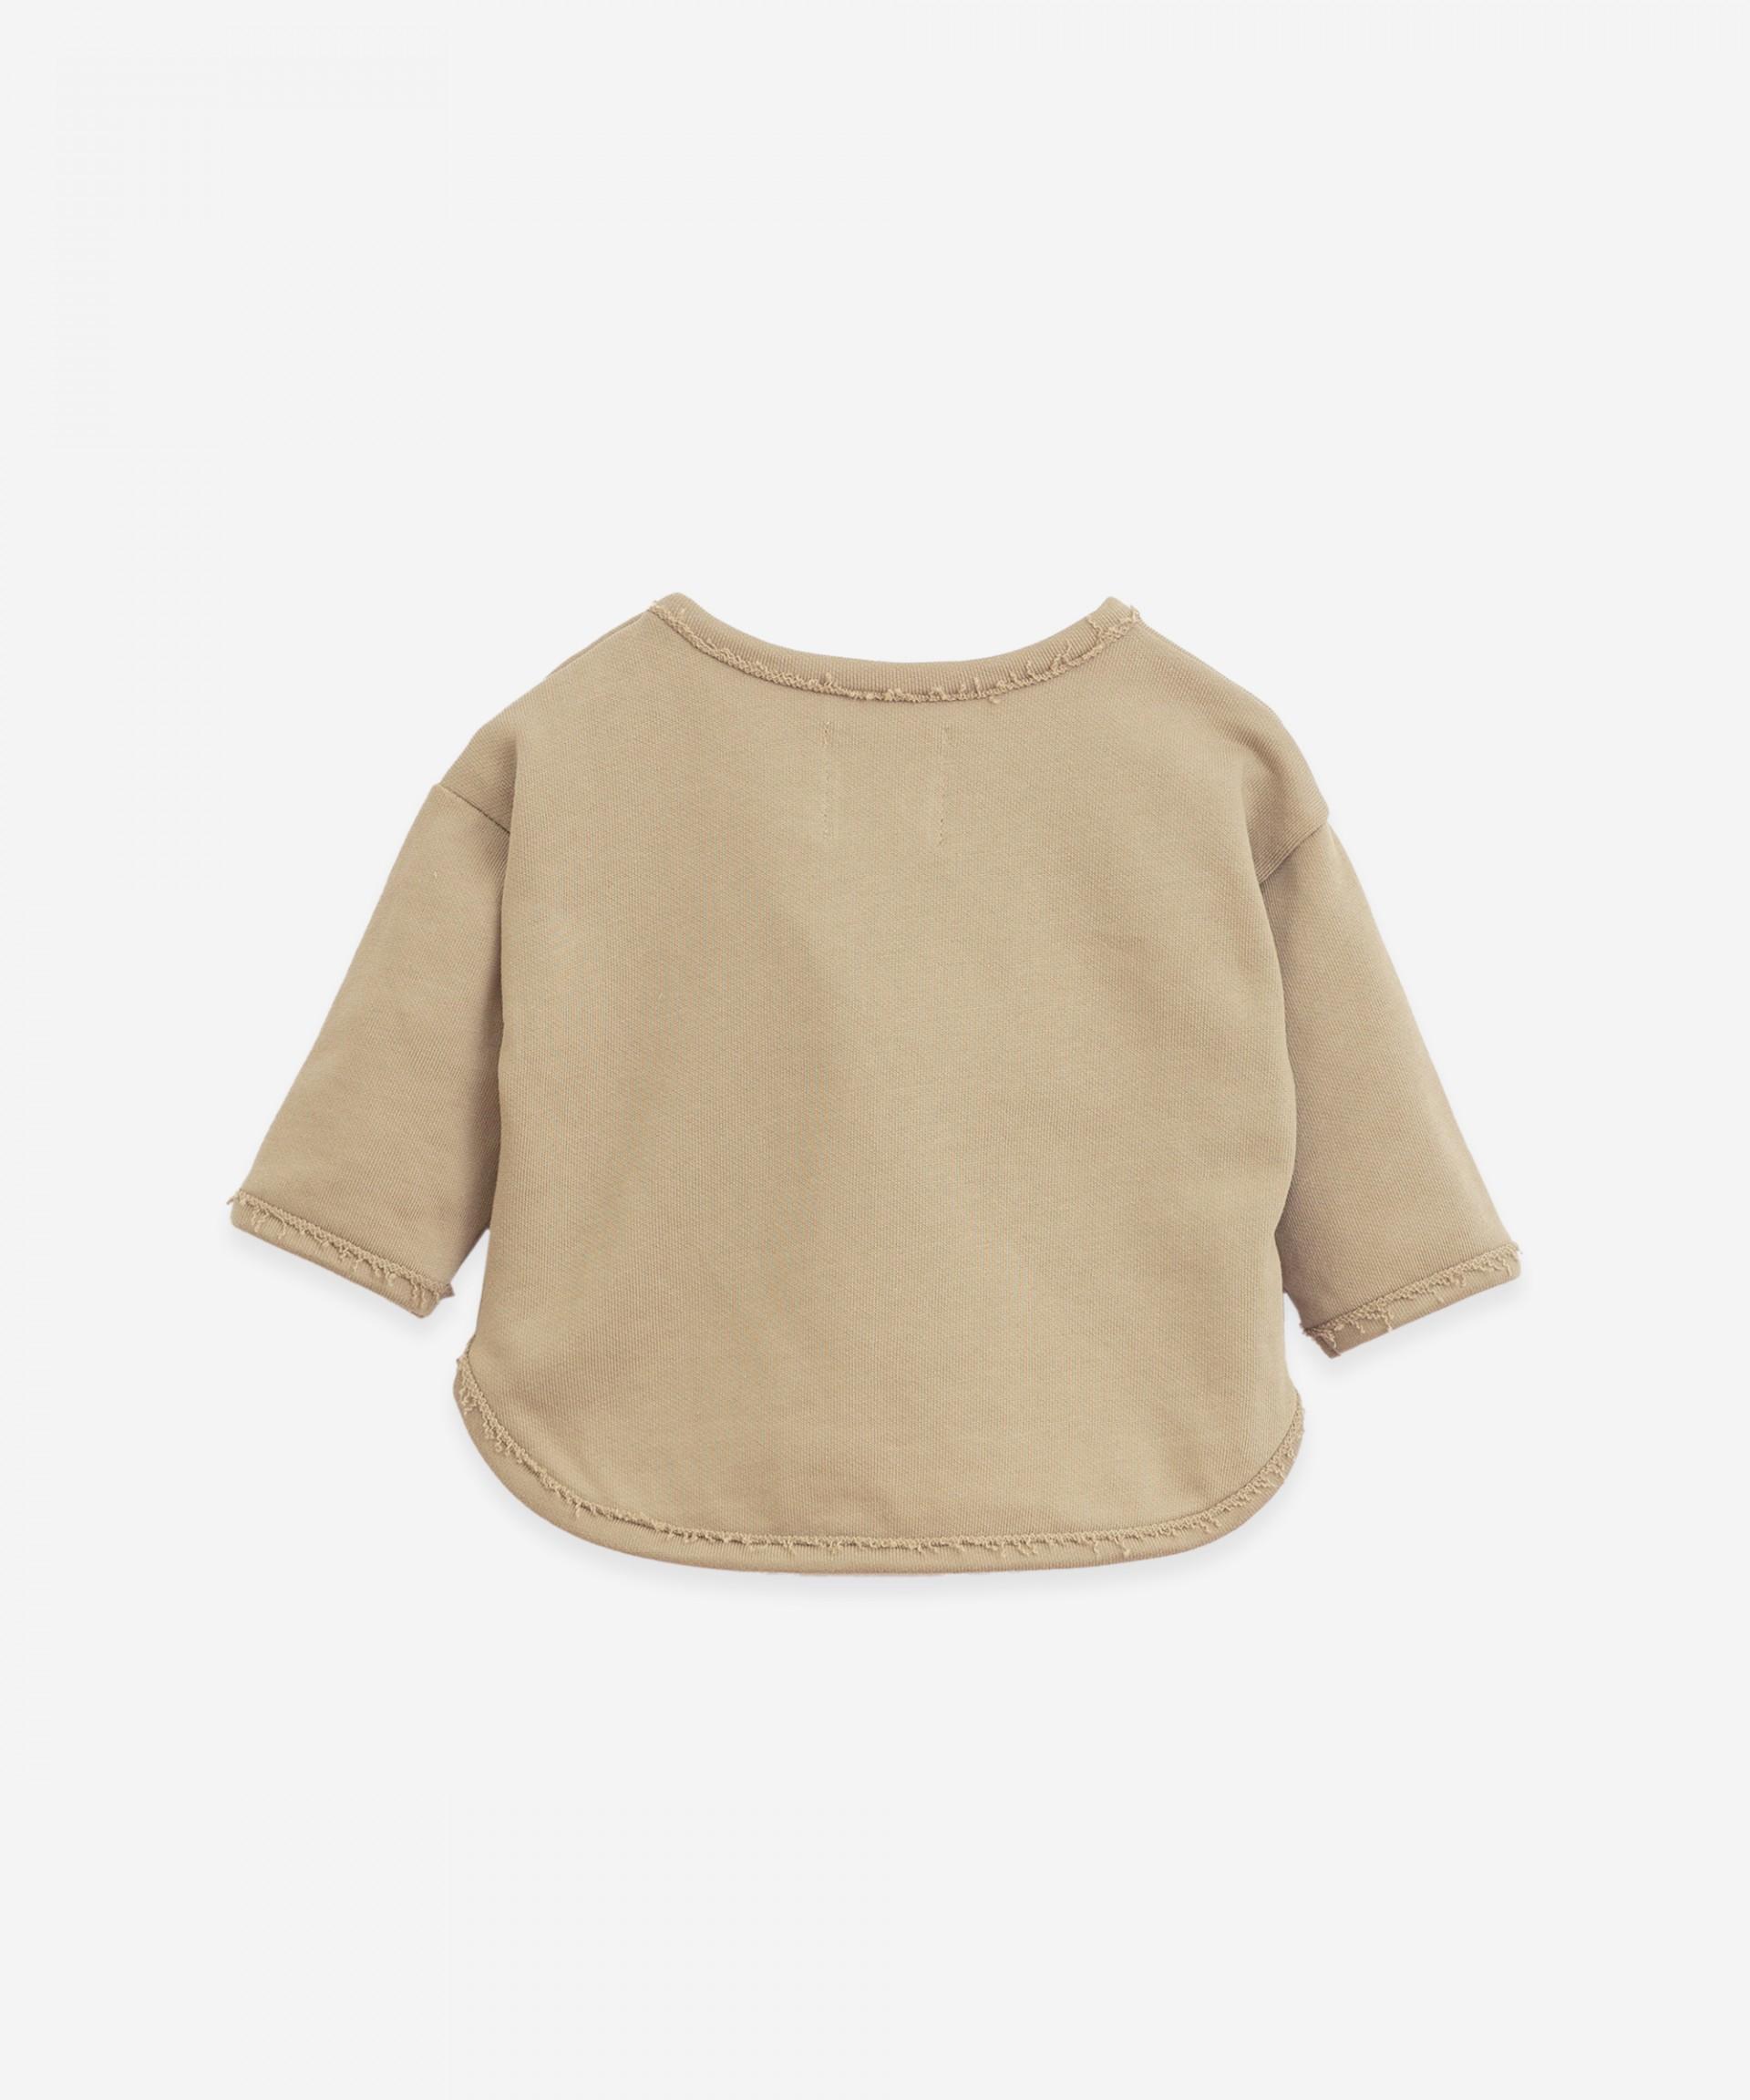 Suéter con cierre en el hombro | Botany